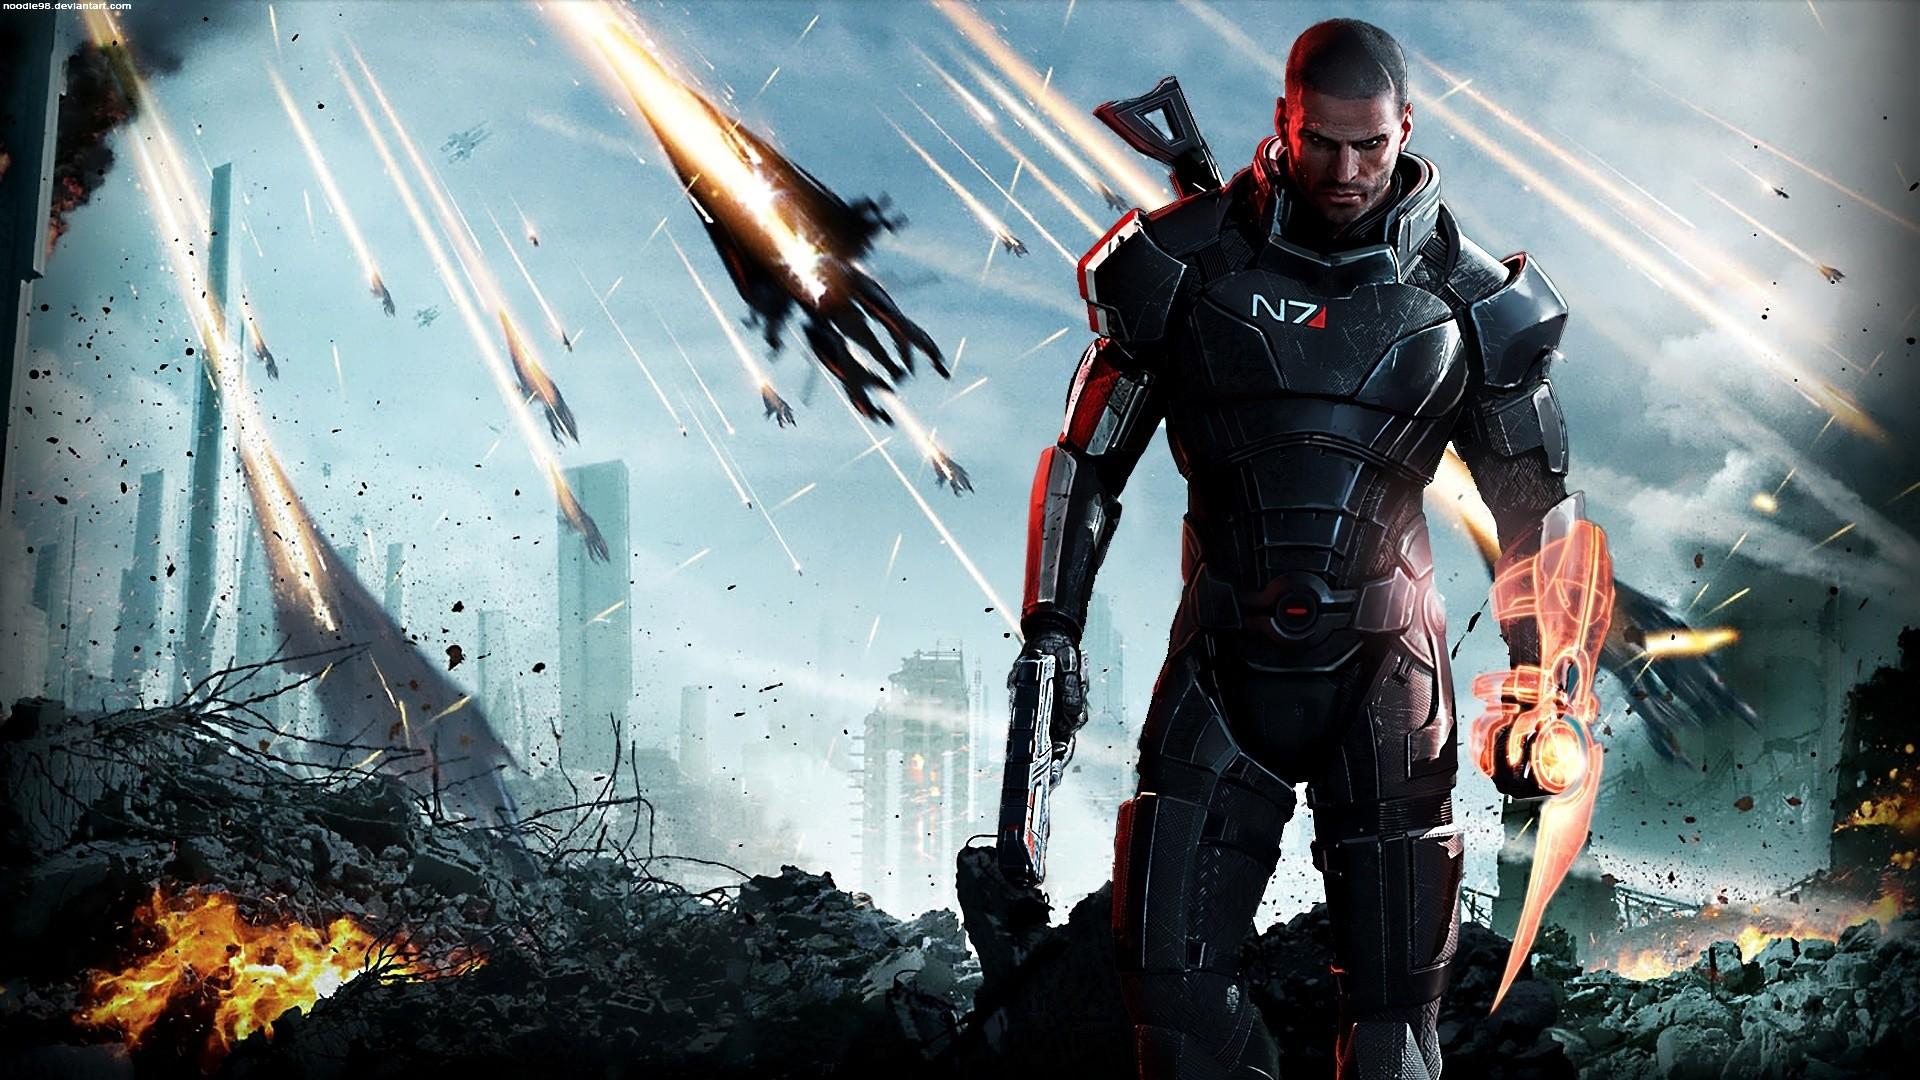 Legion Mass Effect HD Wallpapers Backgrounds Wallpaper